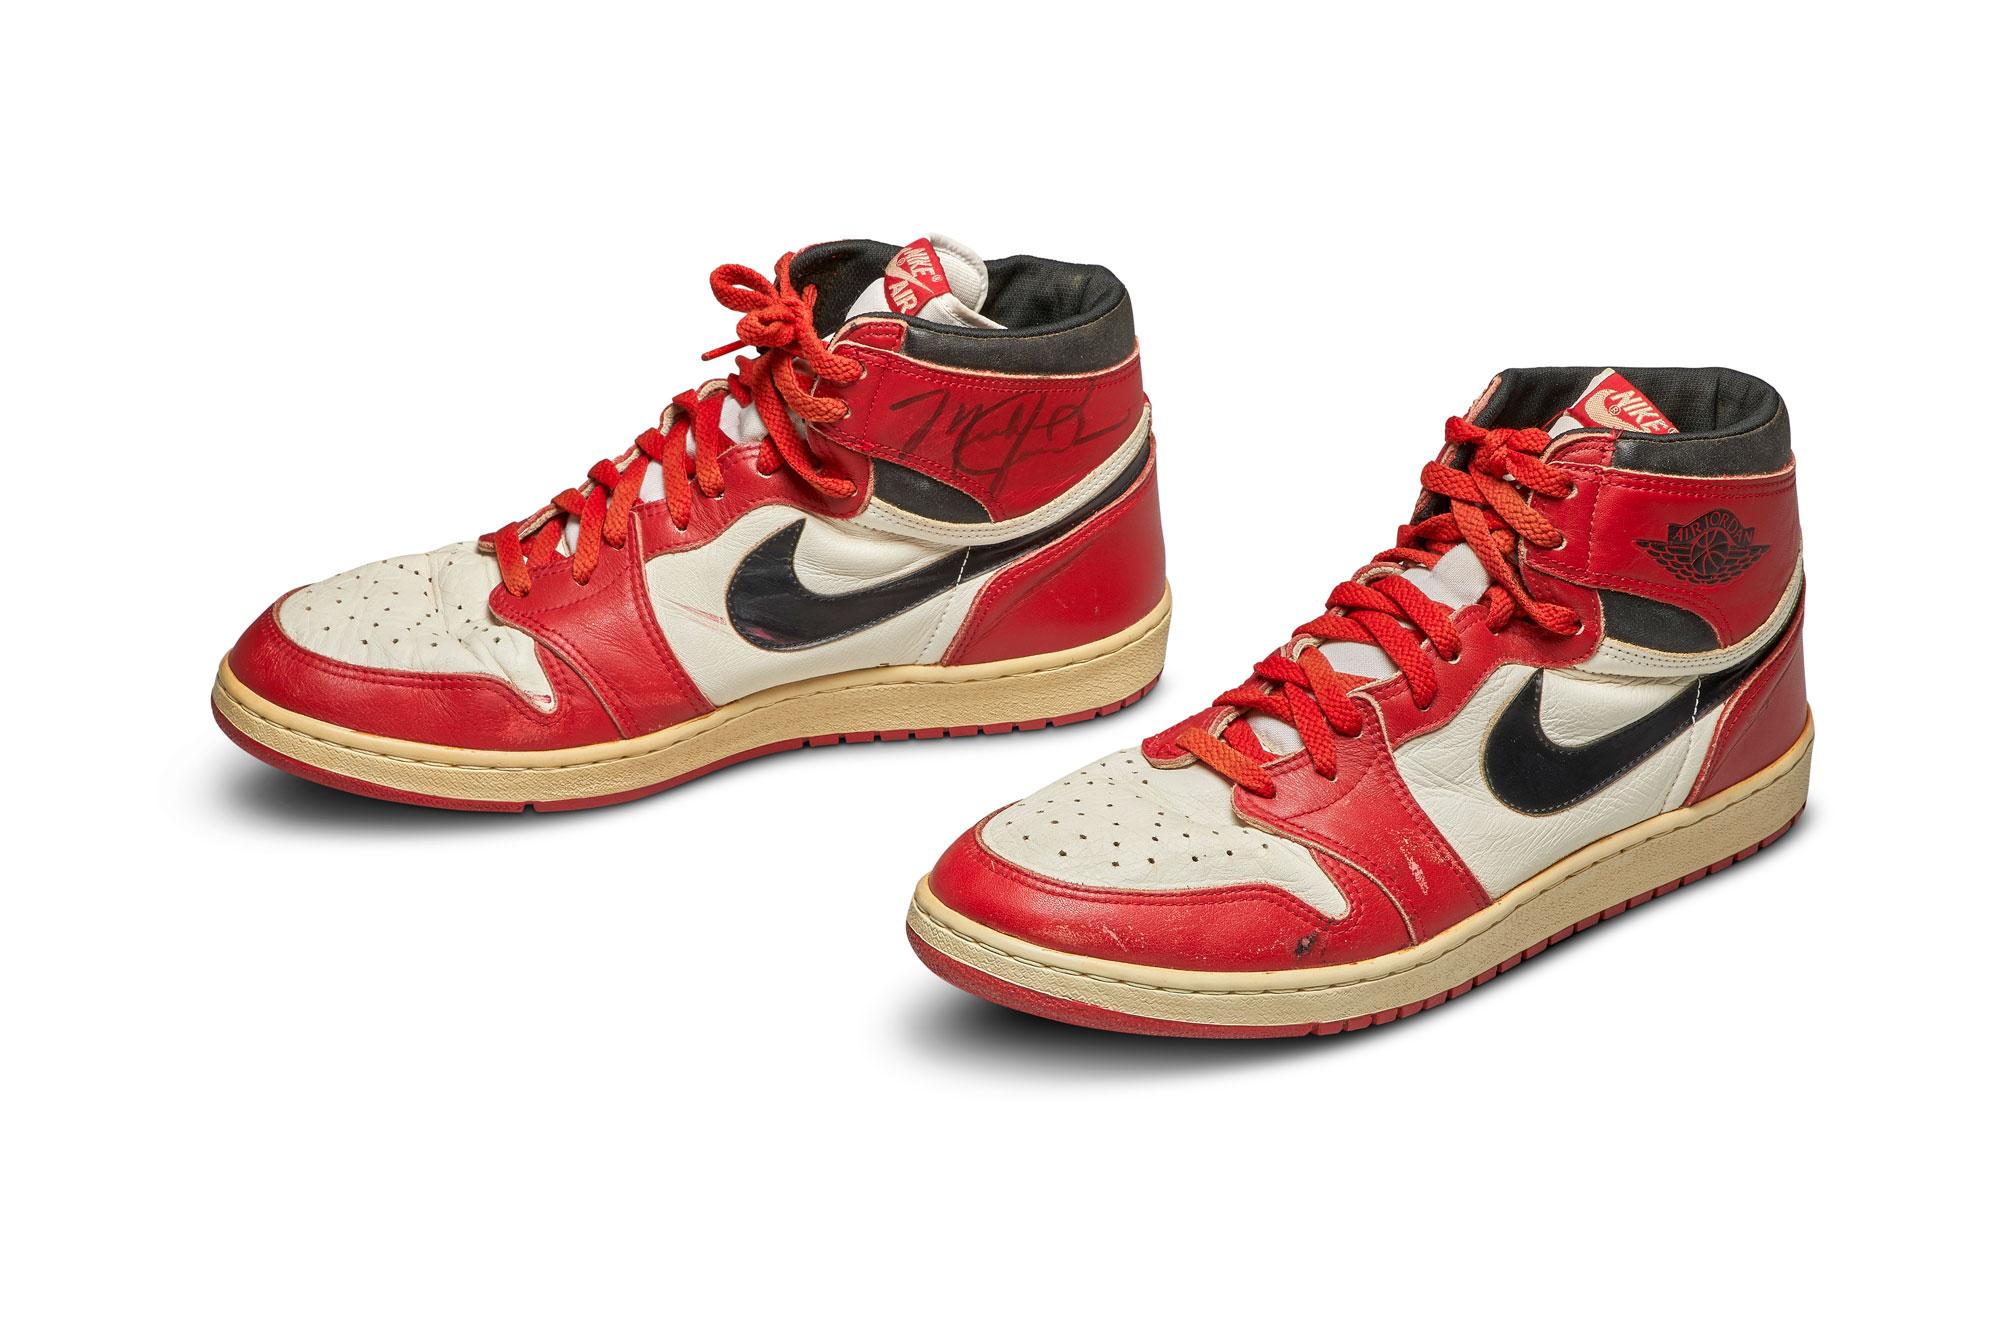 Michael Jordan's signature Air Jordan